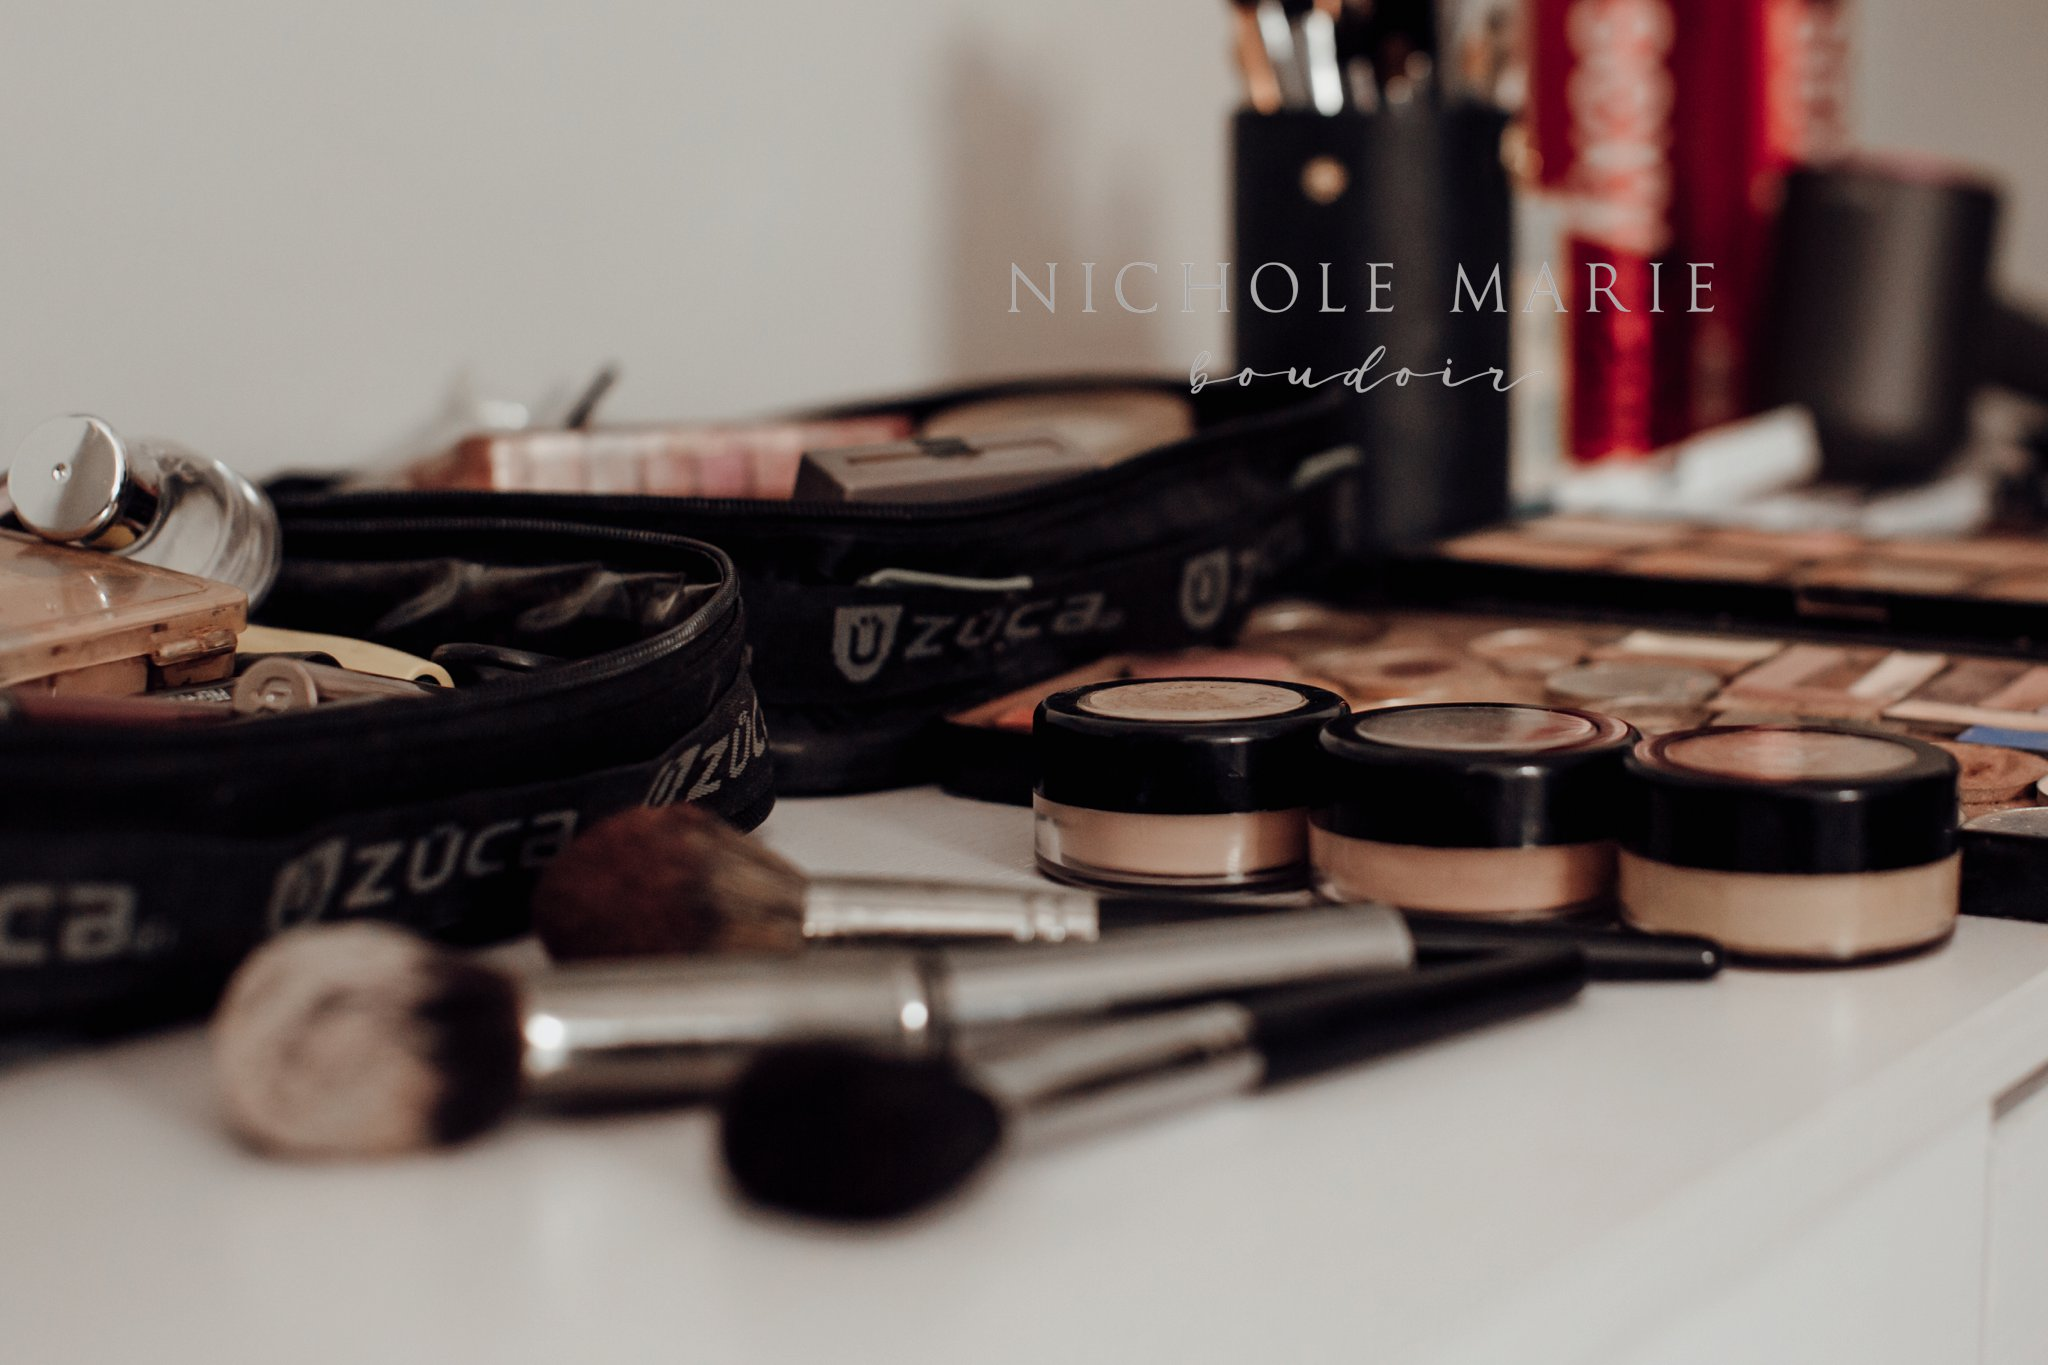 SEBASTIAN FLORIDA BOUDOIR PHOTOGRAPHER | NICHOLE MARIE BOUDOIR_0580.jpg